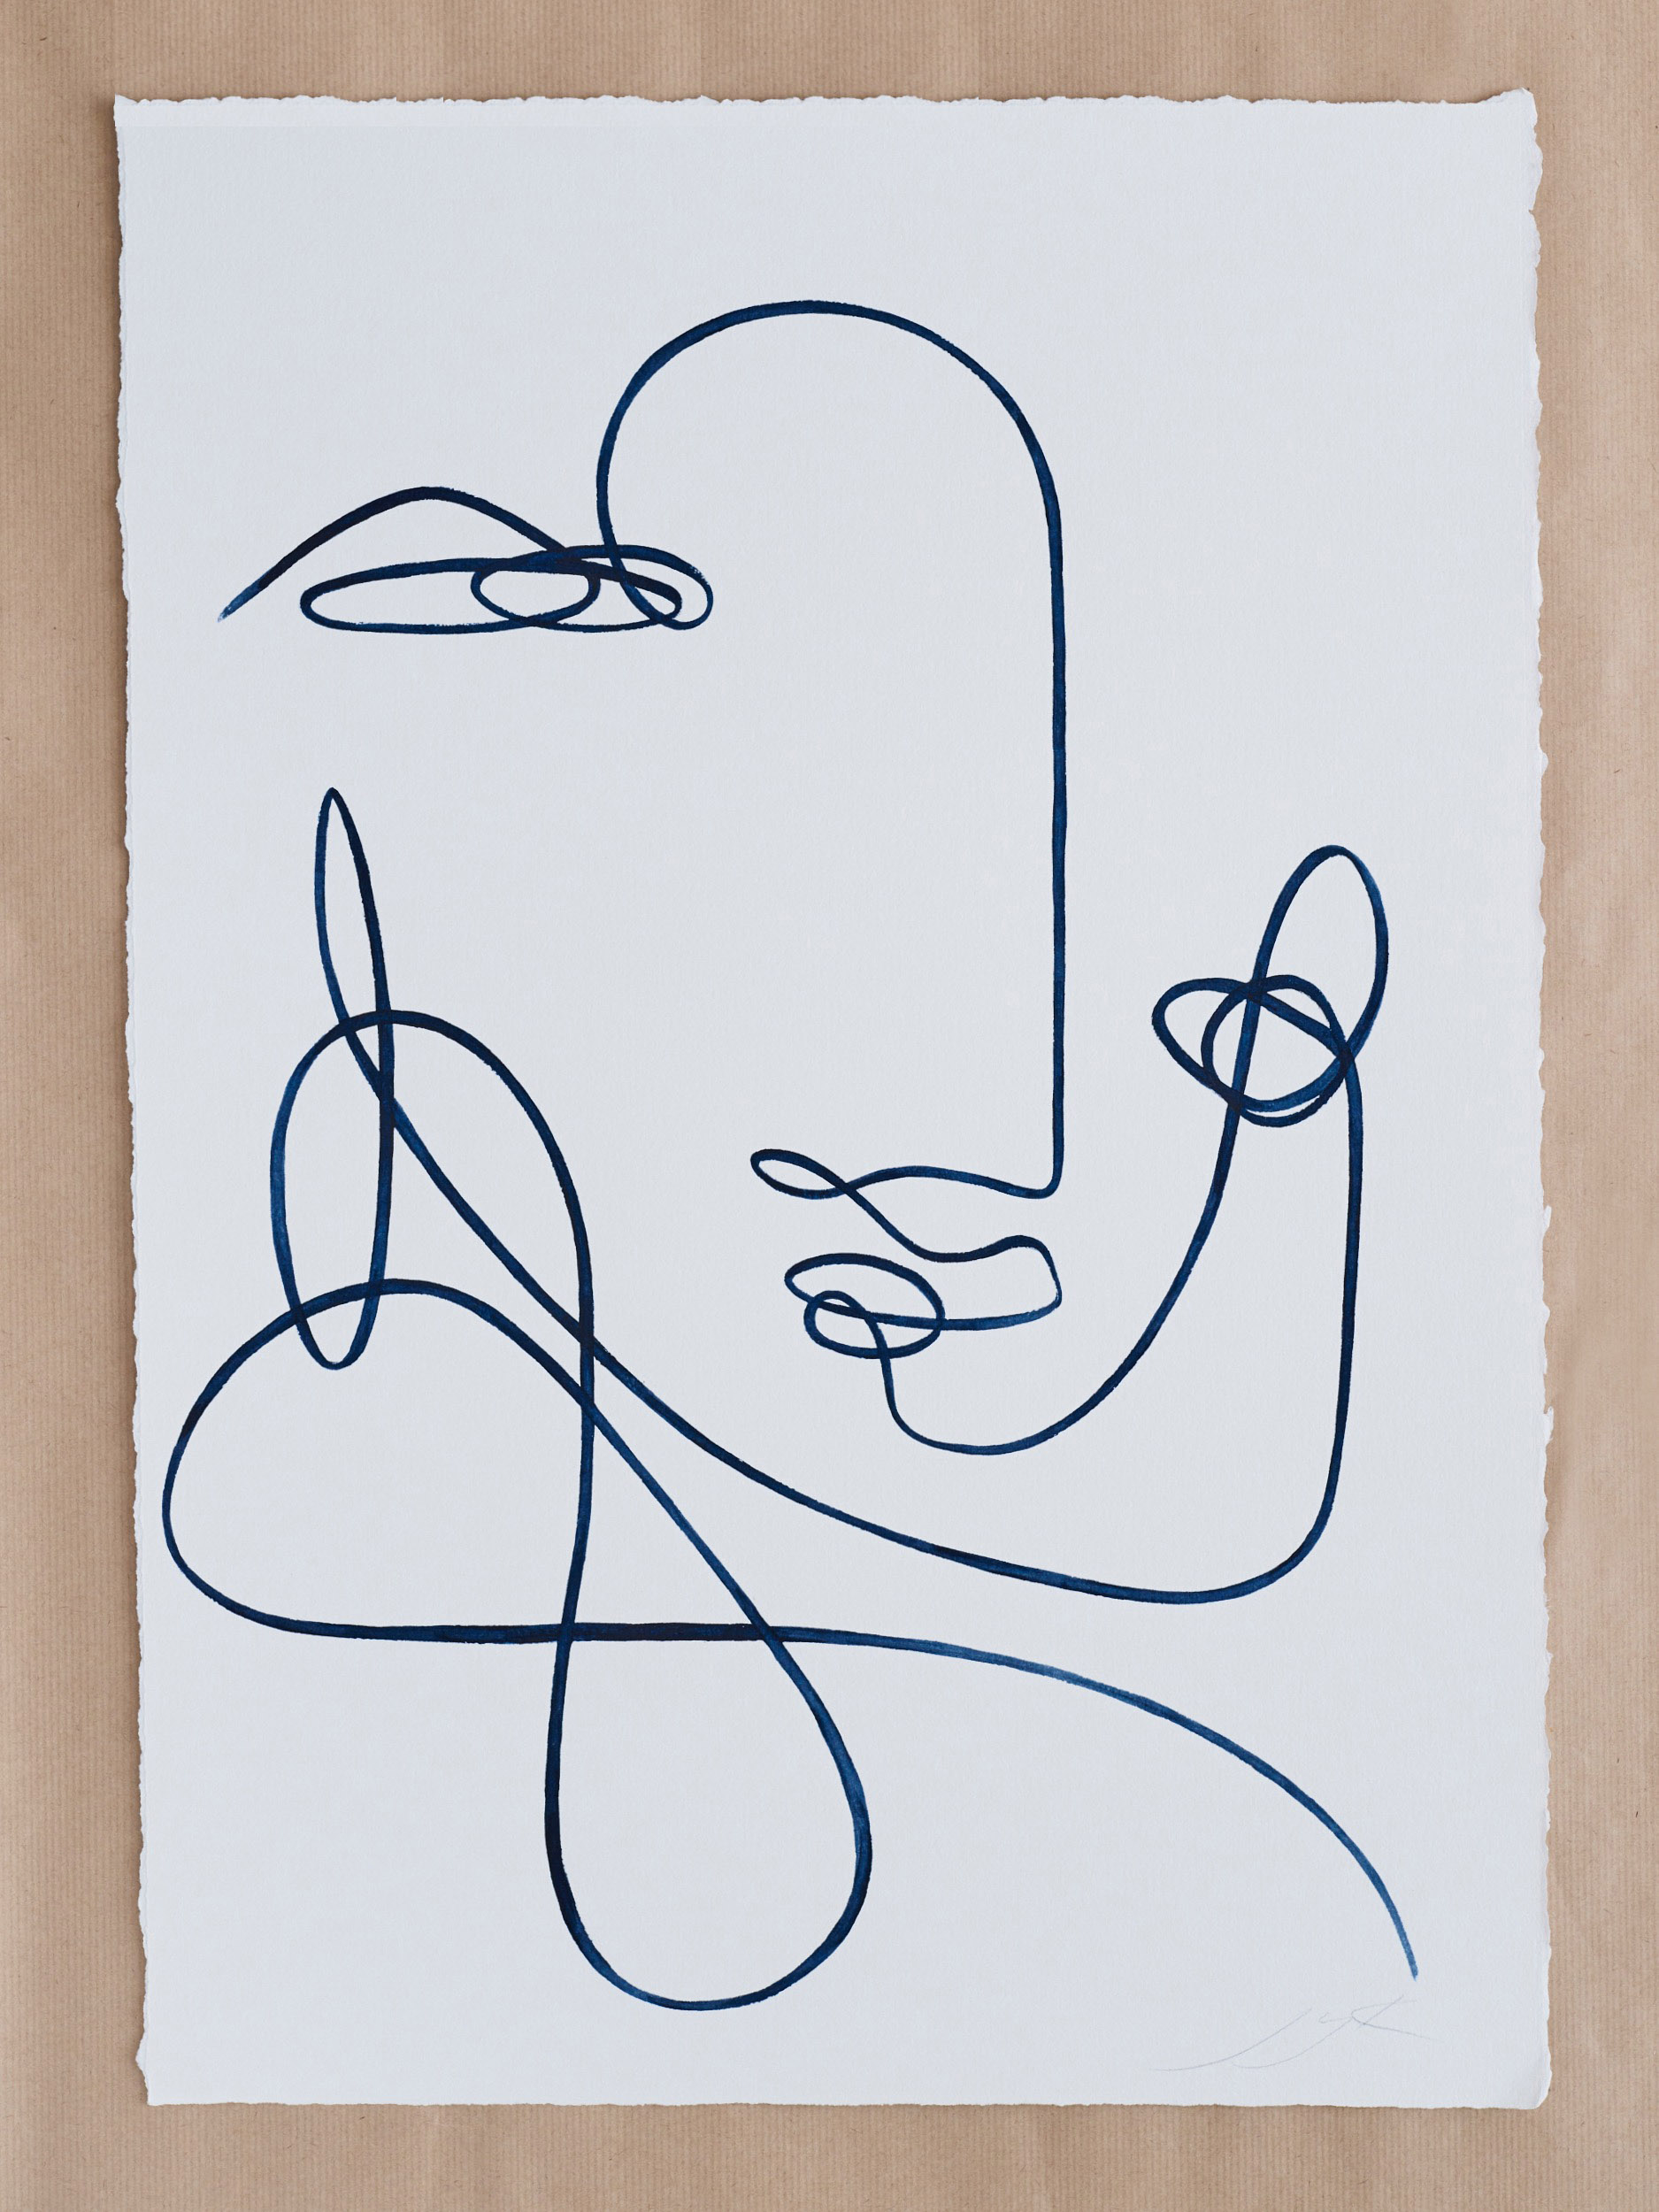 Scrambled (42 x 59 cm)